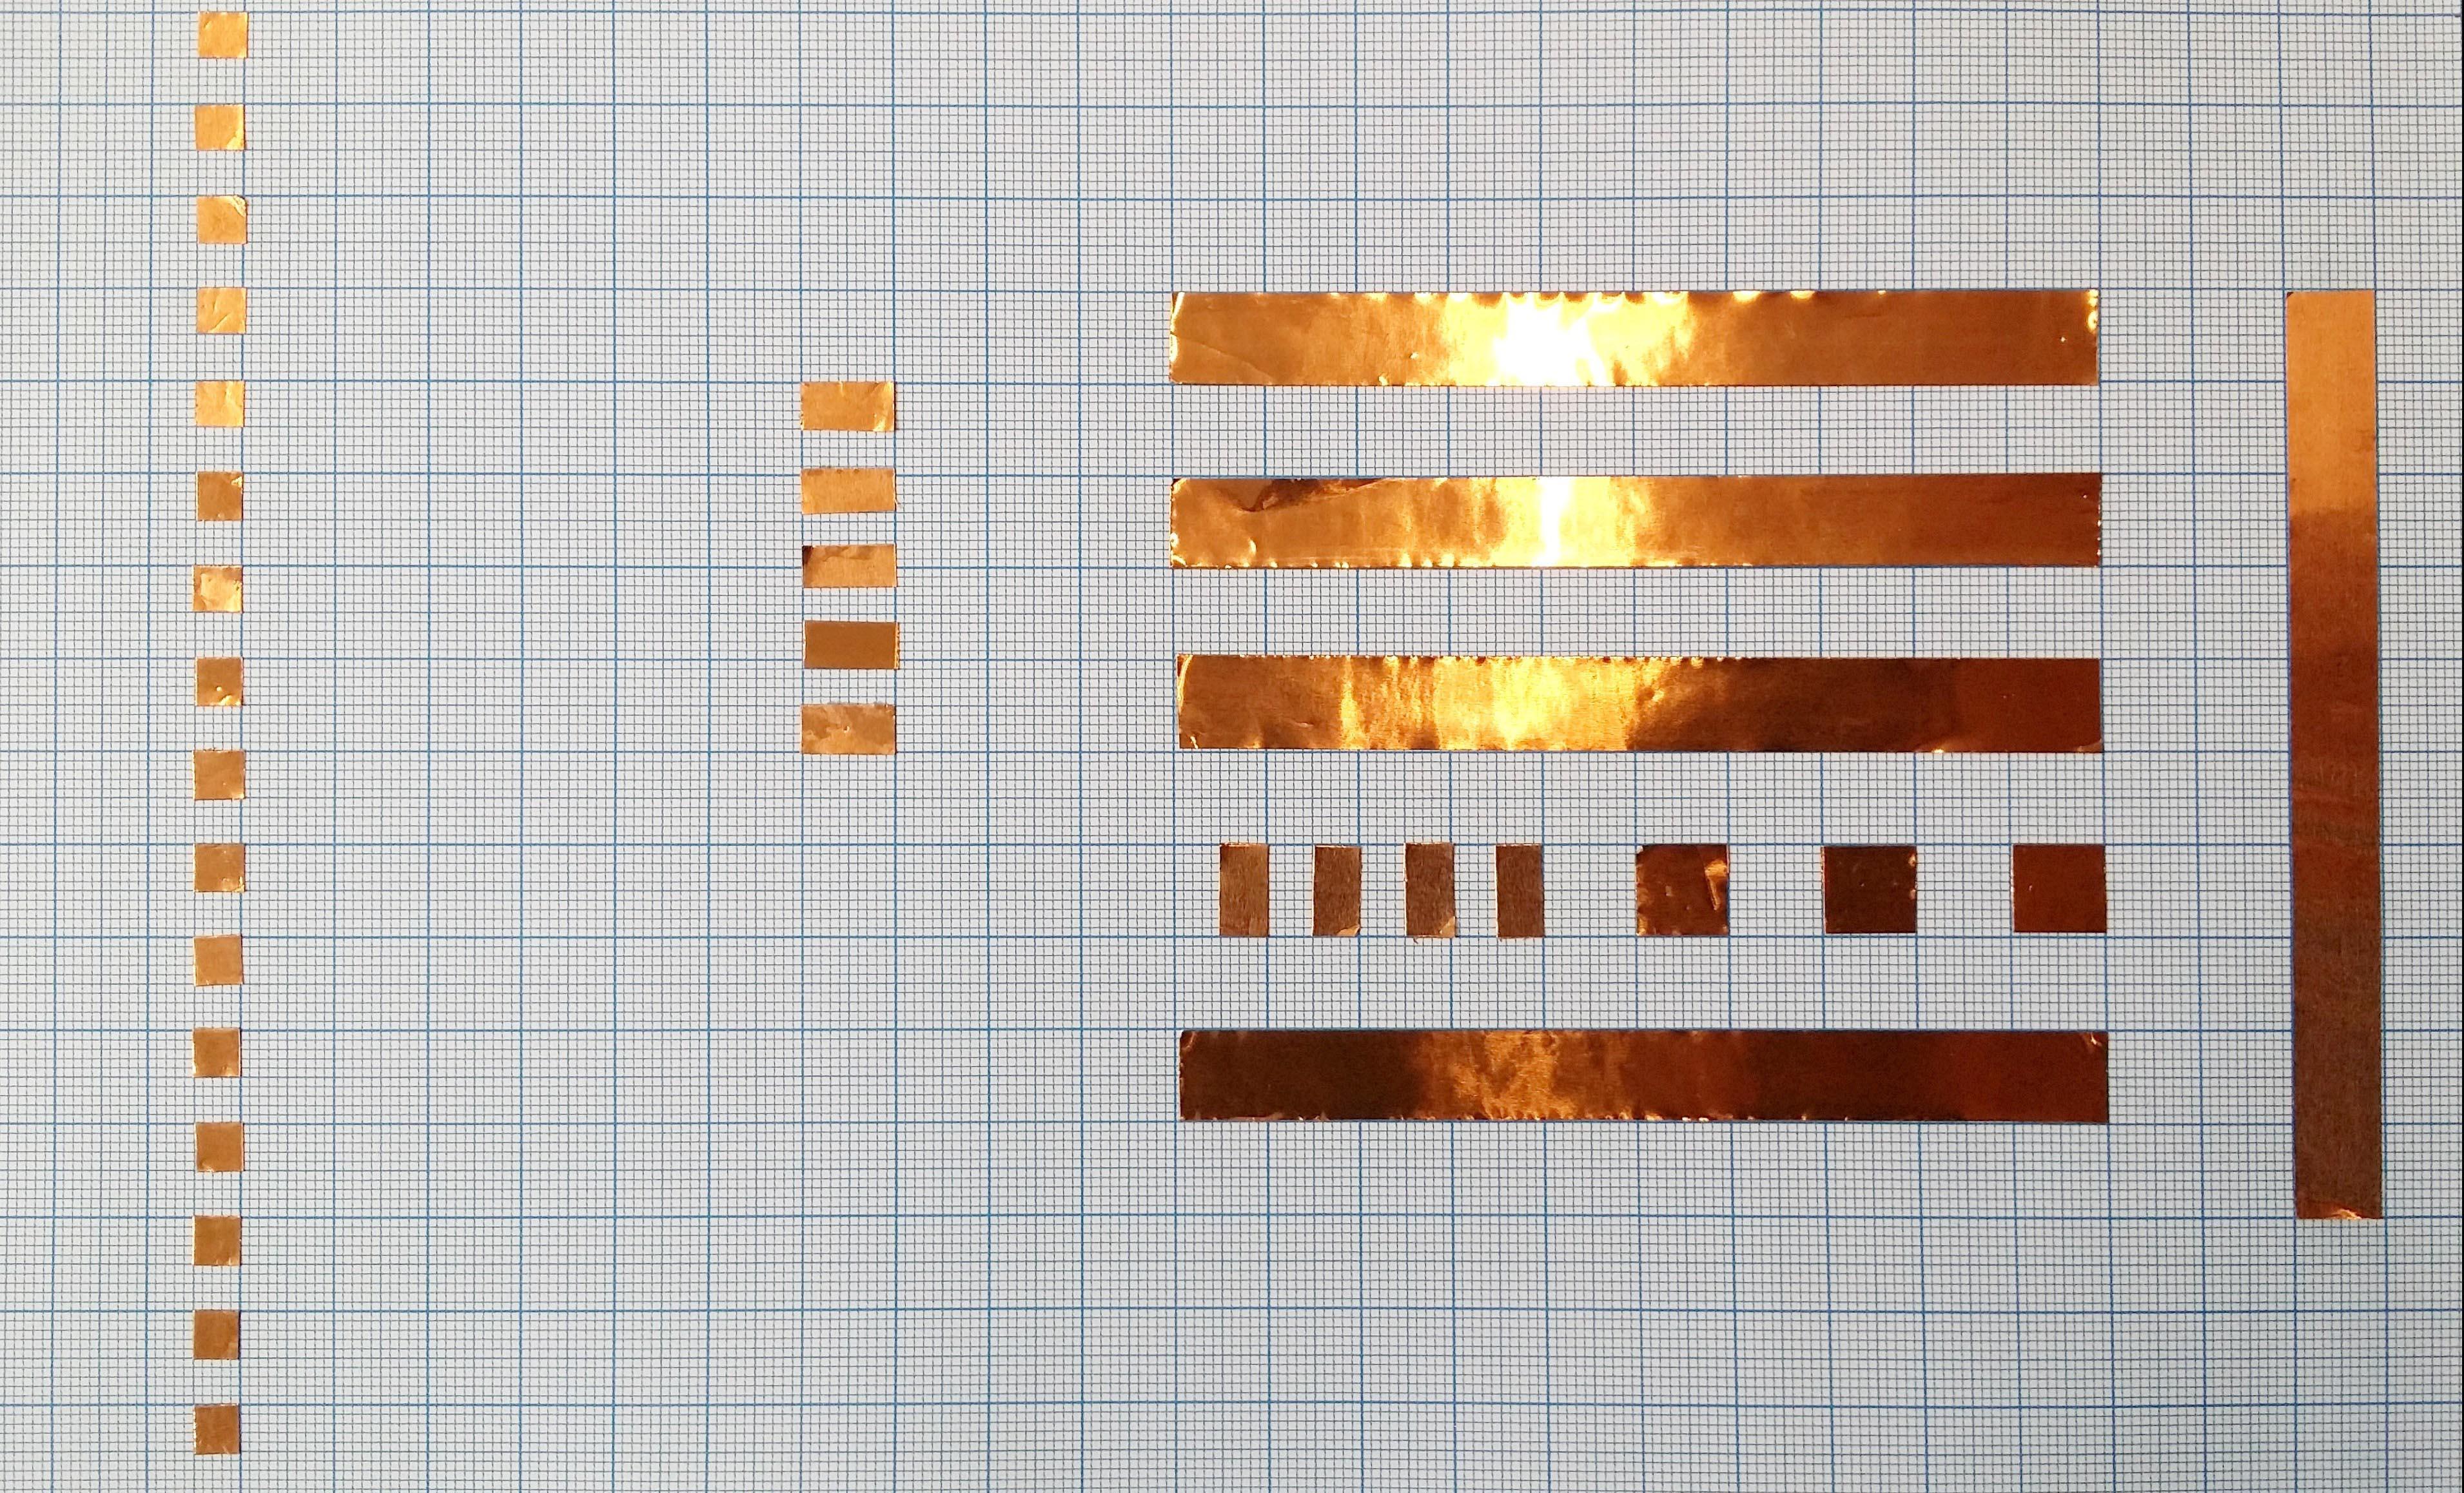 Erfreut 1 Inch Millimeterpapier Bilder - Bilder für das Lebenslauf ...